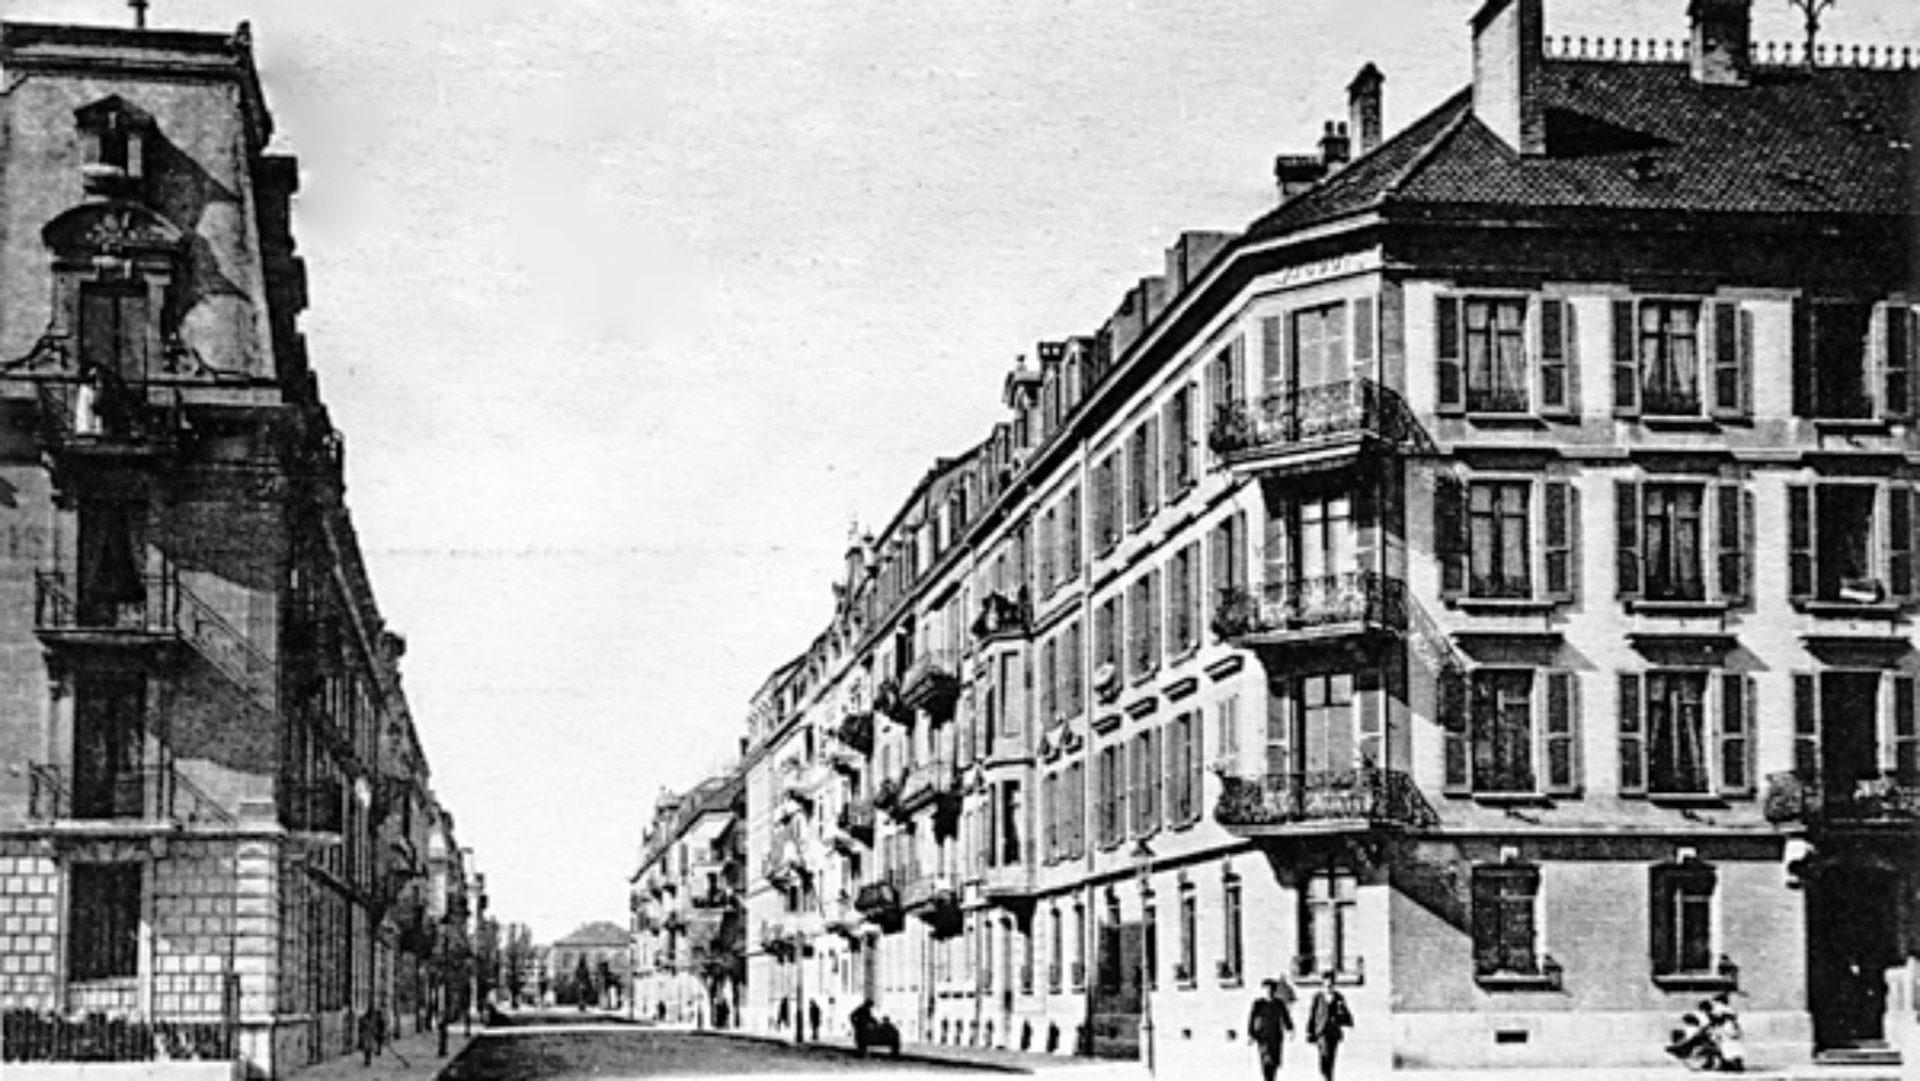 Association de Quartier des Beaux-Arts